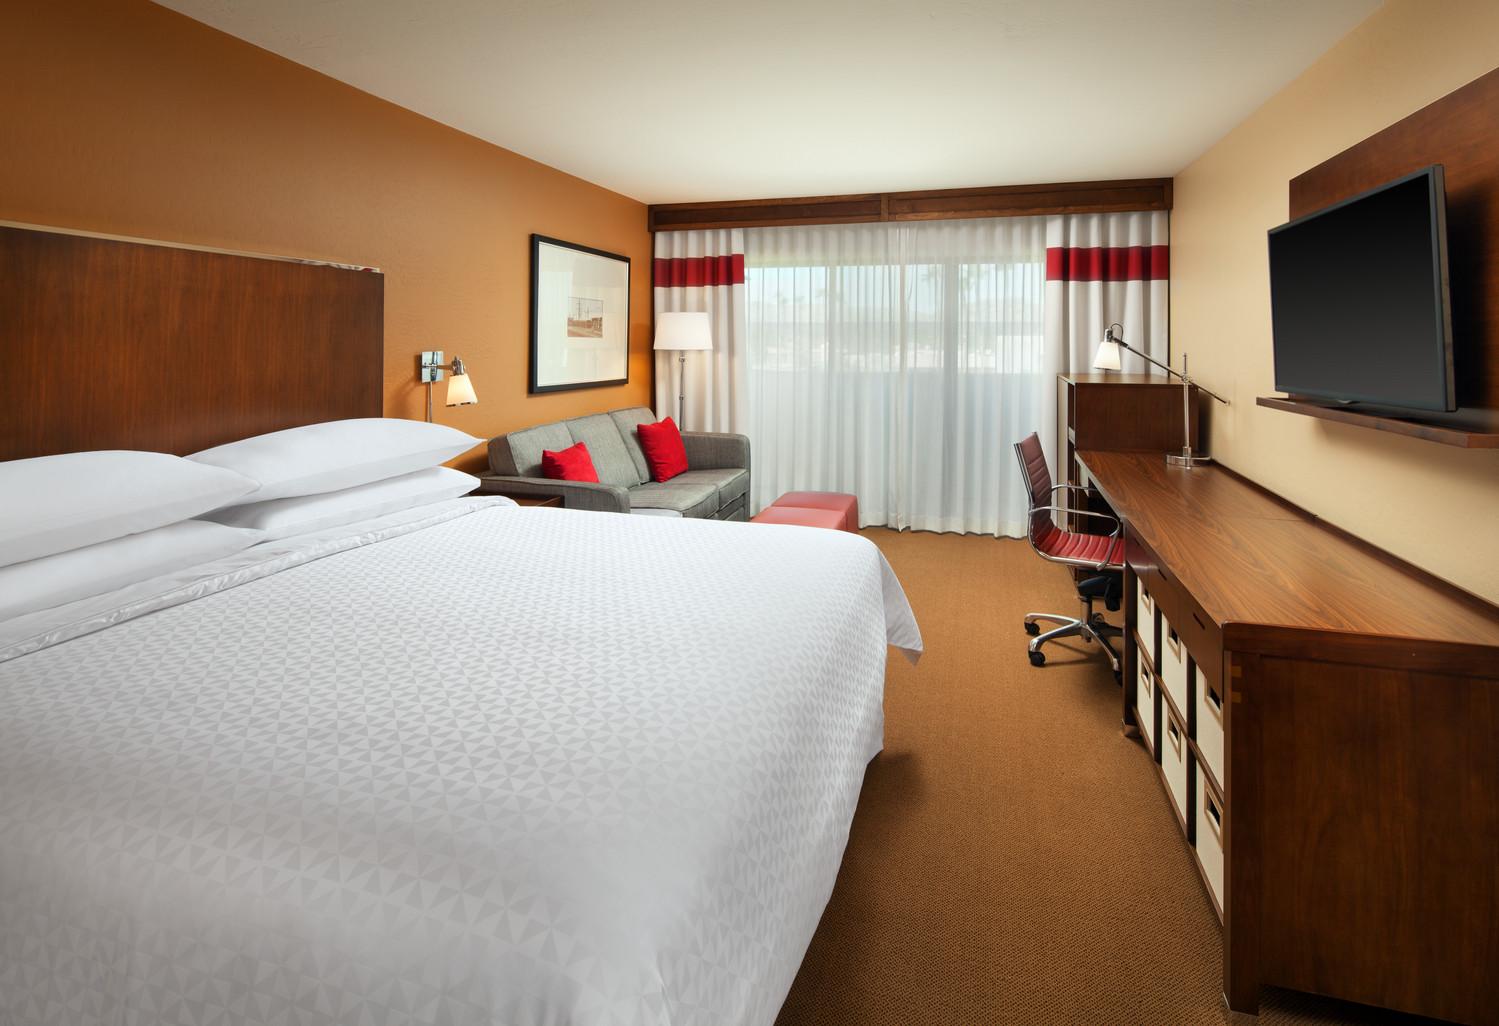 Standard King Guest Room.jpg